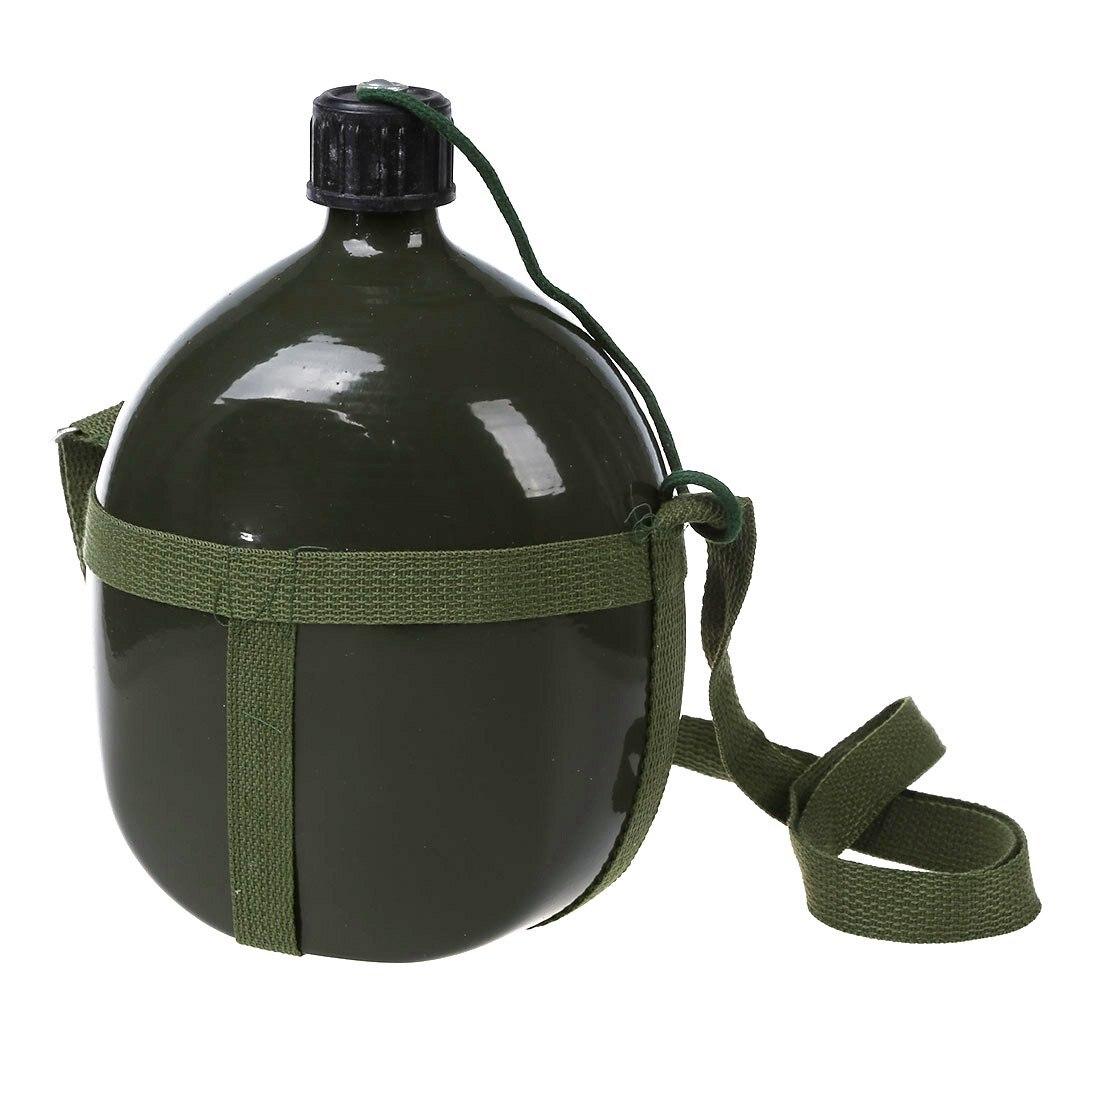 Пеший Туризм емкость 2,5 л военный столовый чайник армейский зеленый с плечевым ремнем